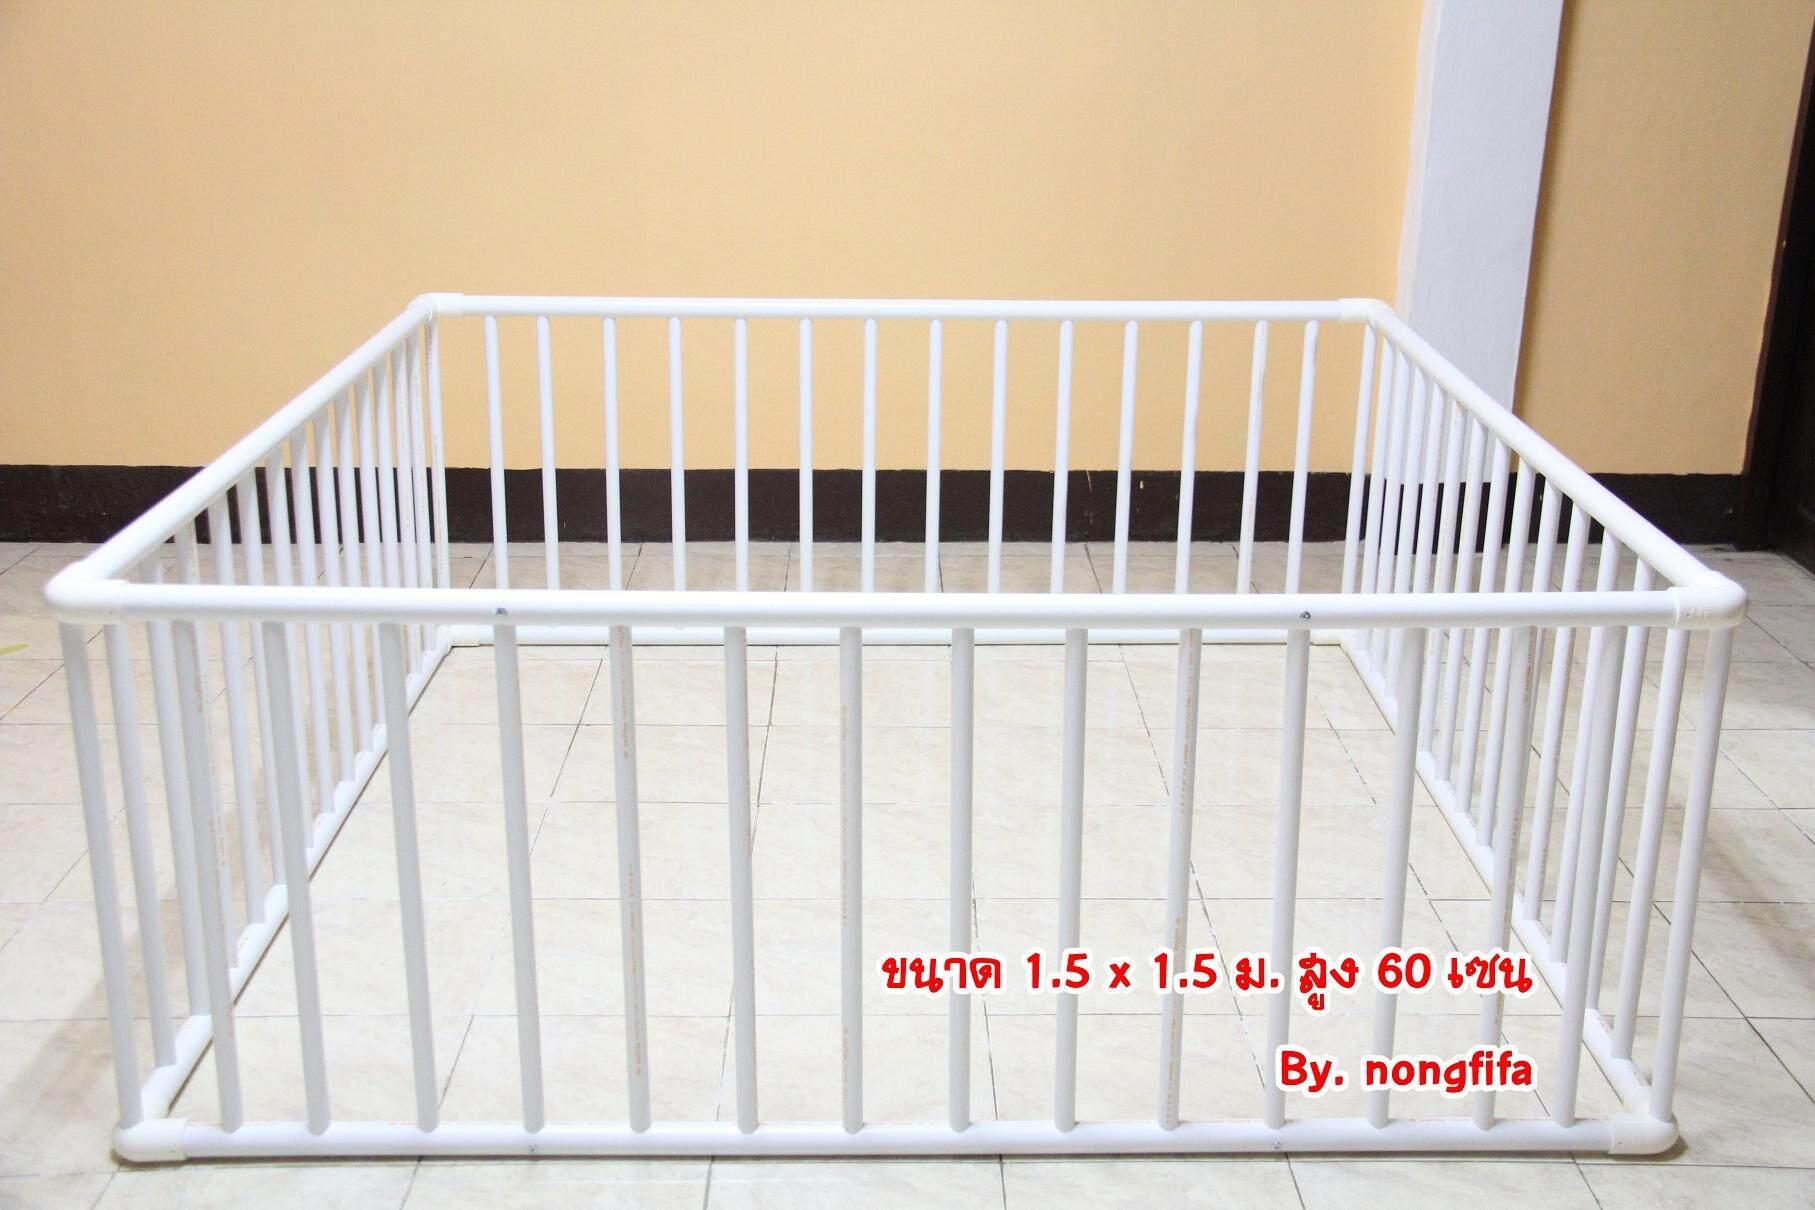 [[ส่งฟรี Kerry]] คอกกั้นเด็ก 1.5x1.5 ม. สูง 60เซน (ขนาด 150x150cm สูง 60cm).